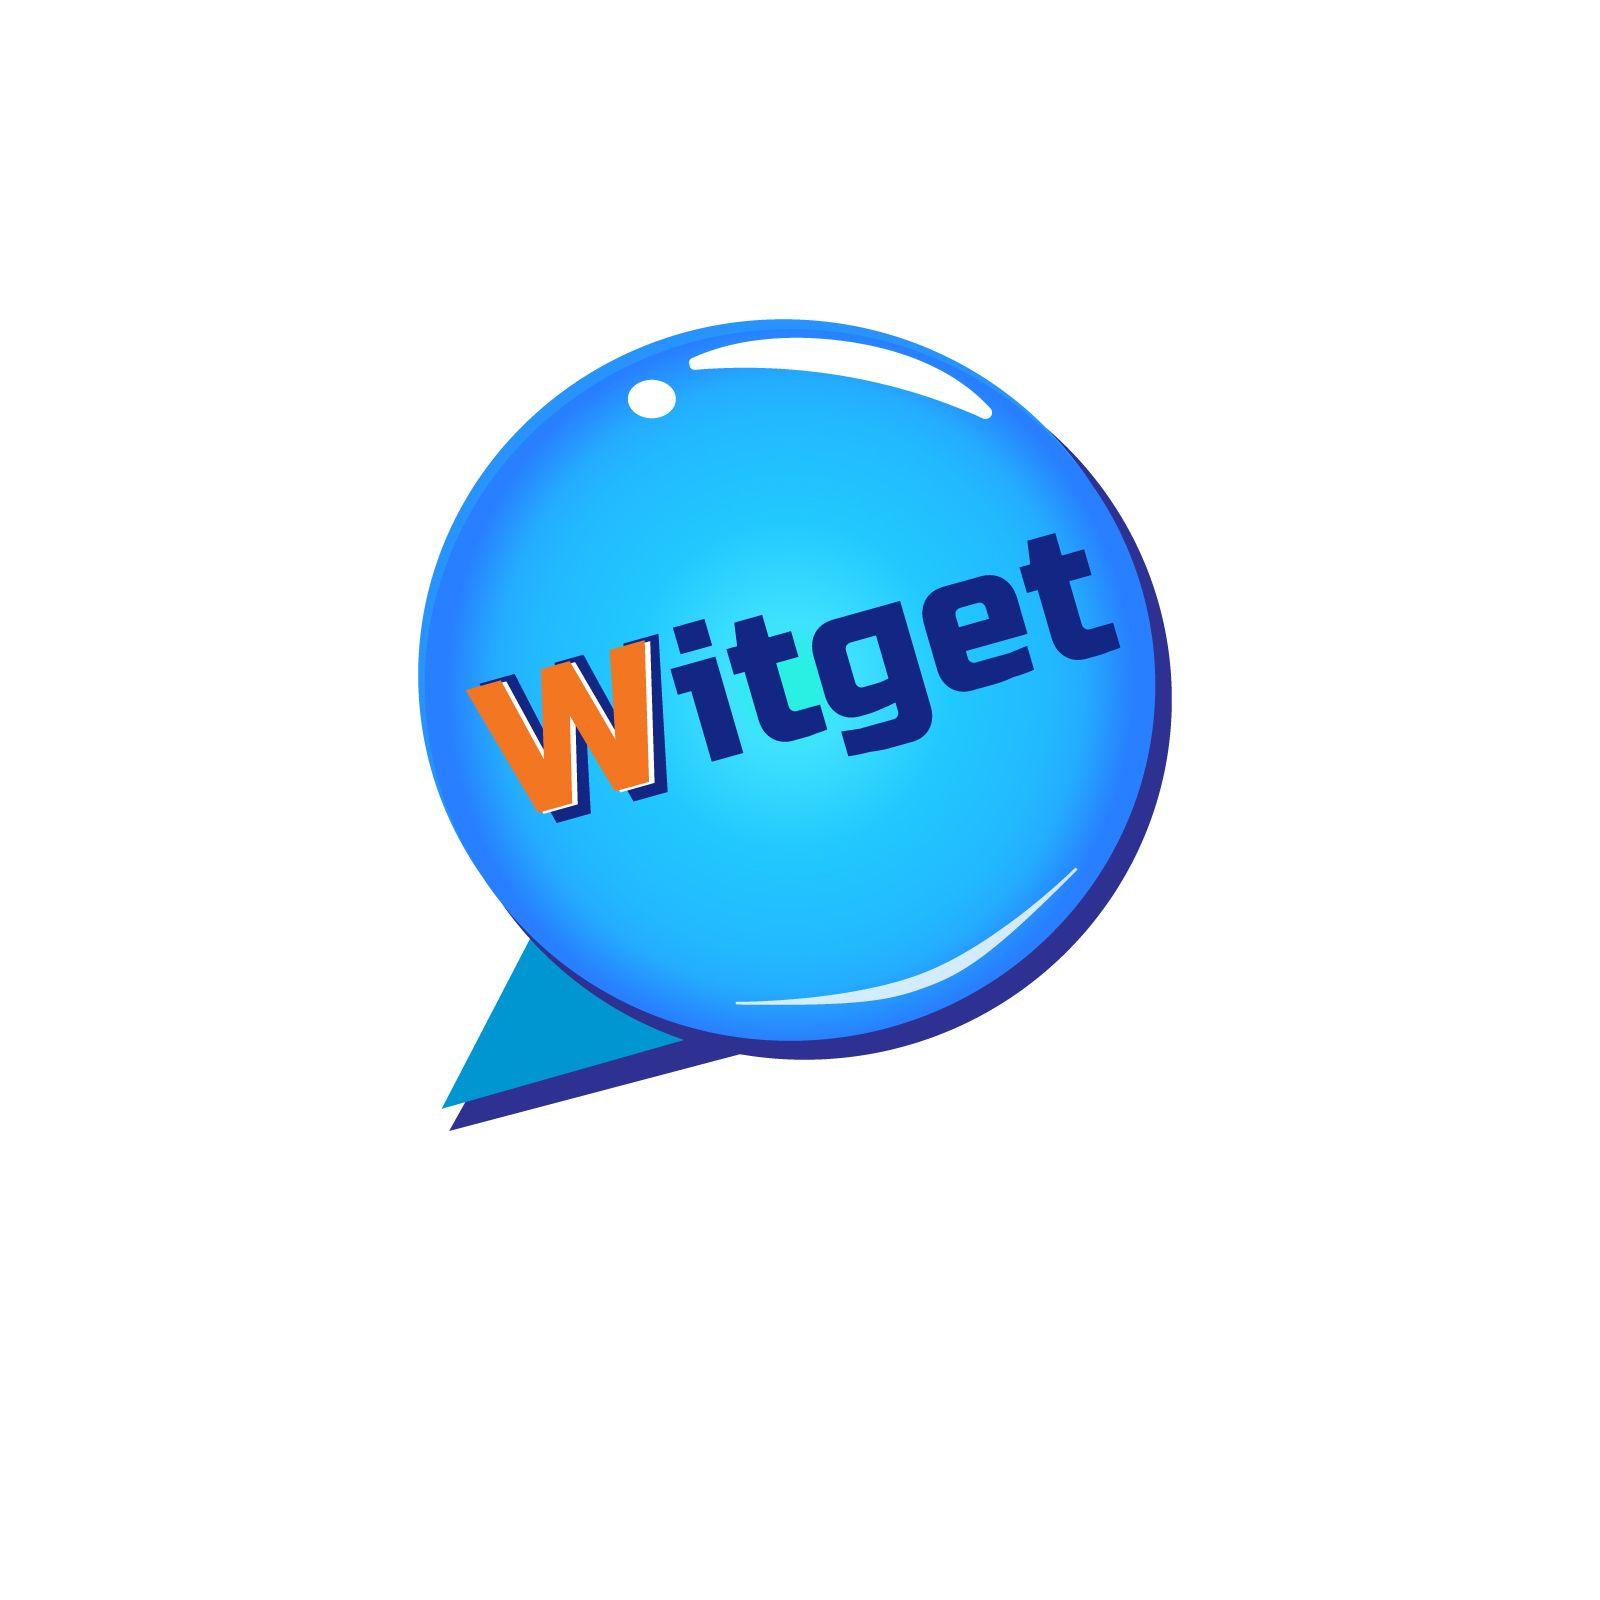 Witget.com - элементы брендирования Витжетов - дизайнер Irina_Strel